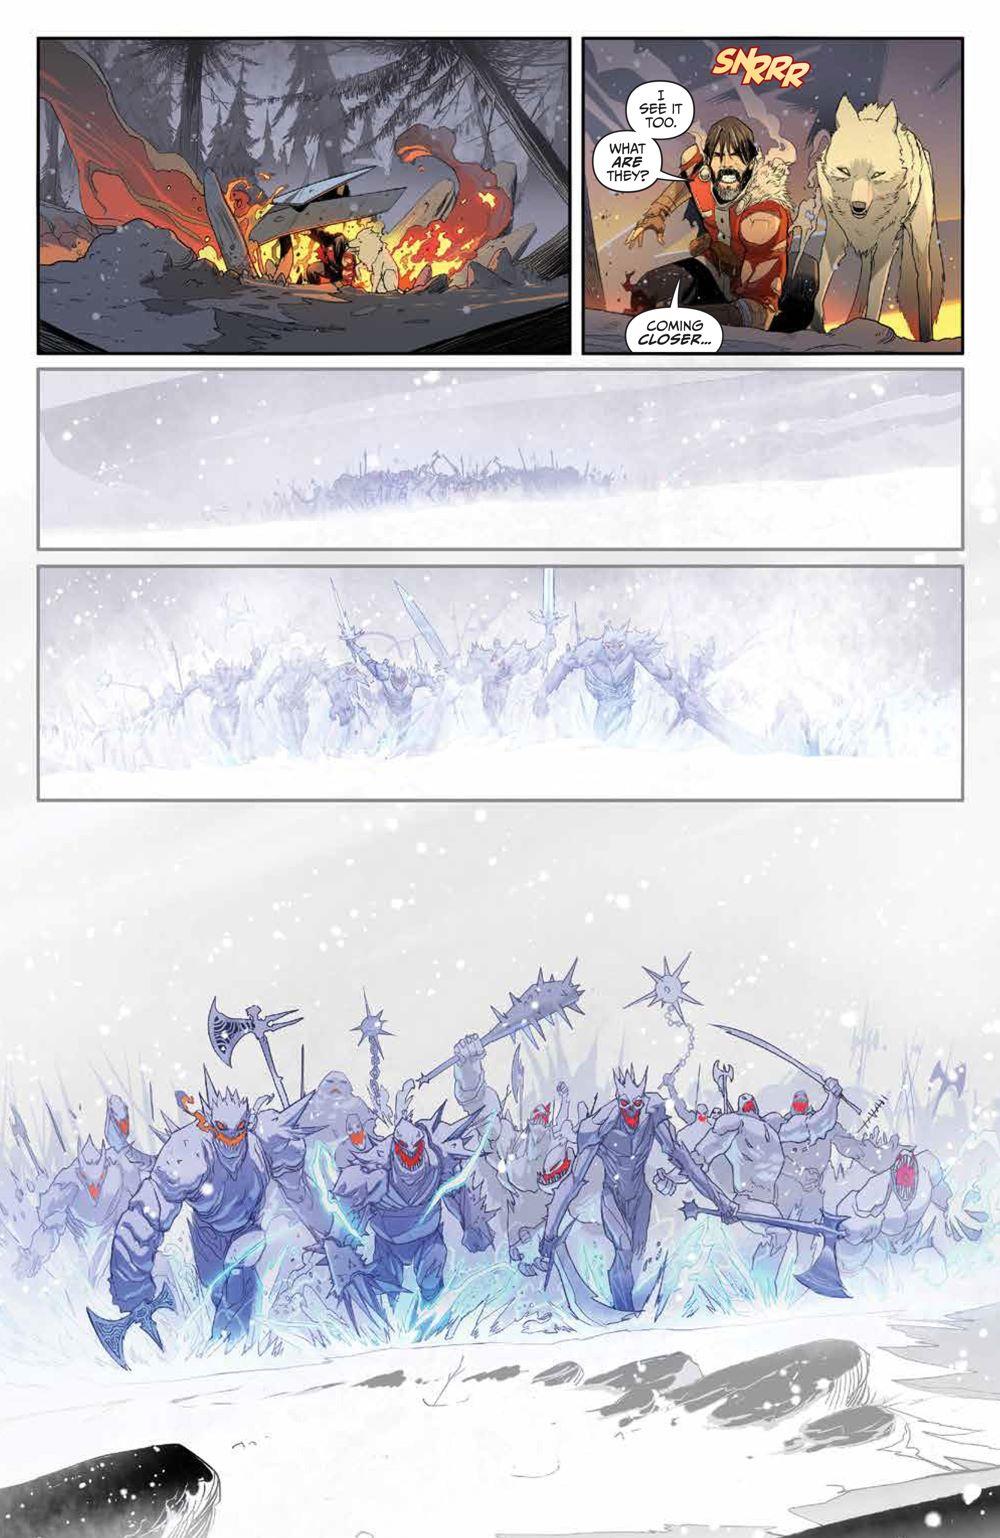 Klaus_NewAdventures_SC_PRESS_20 ComicList Previews: KLAUS THE NEW ADVENTURES OF SANTA CLAUS GN